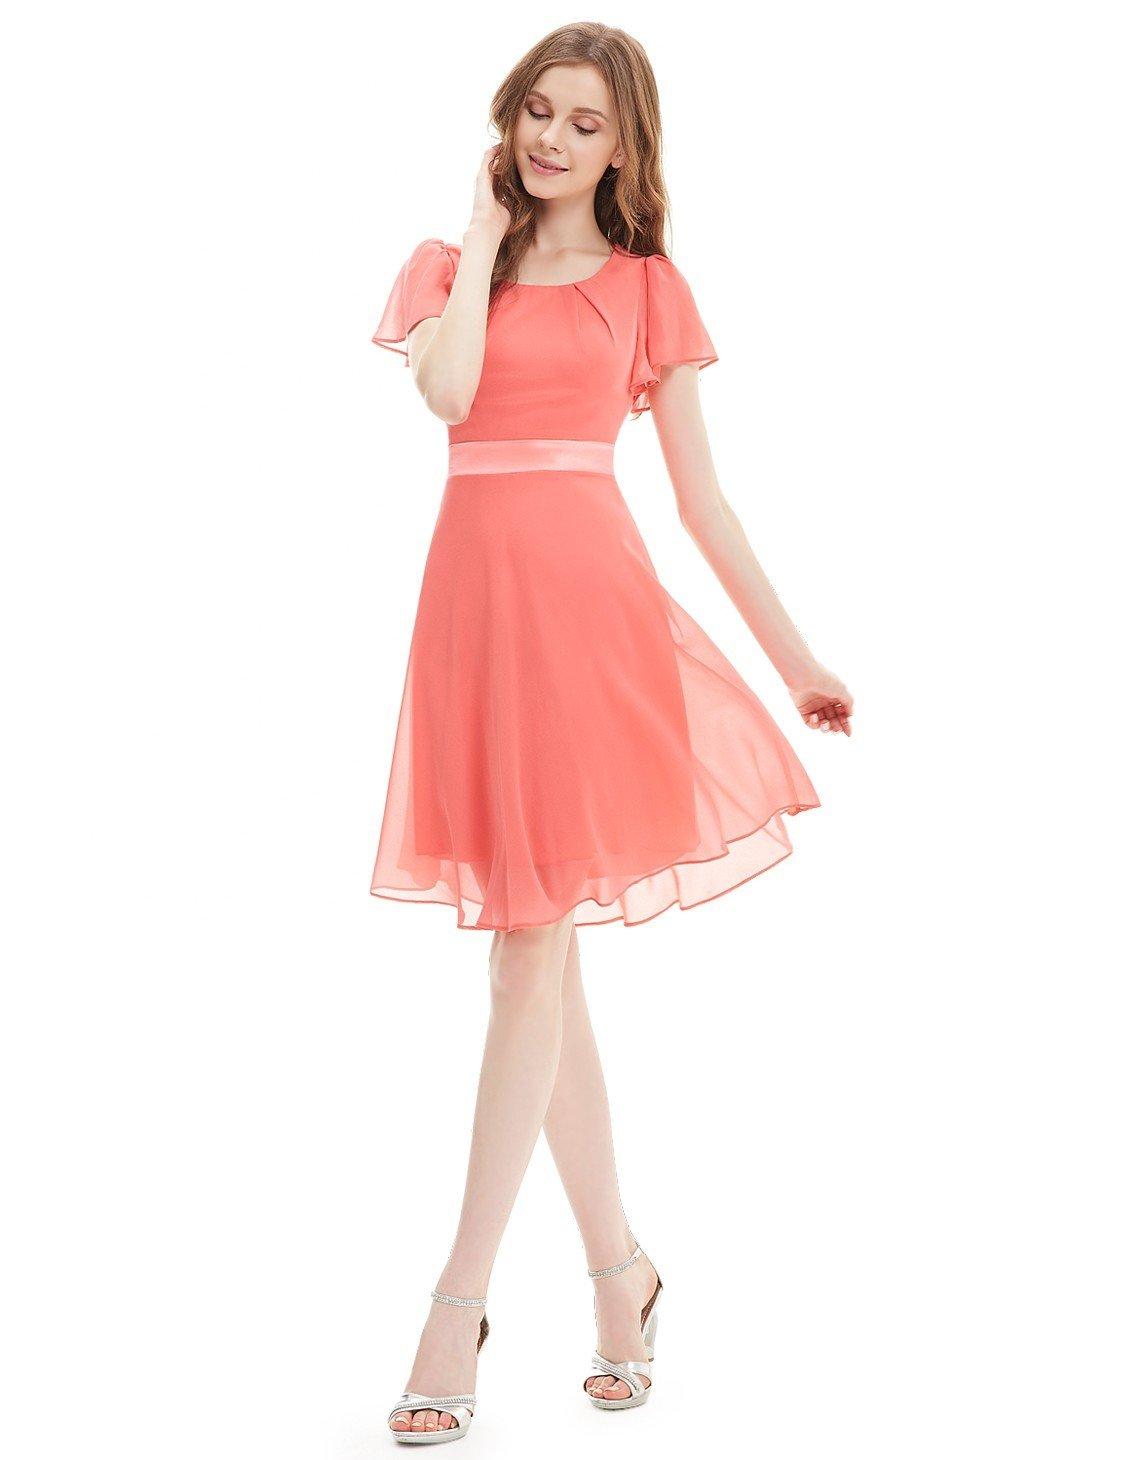 с чем носить легкое коралловое платье и босоножки на каблуке